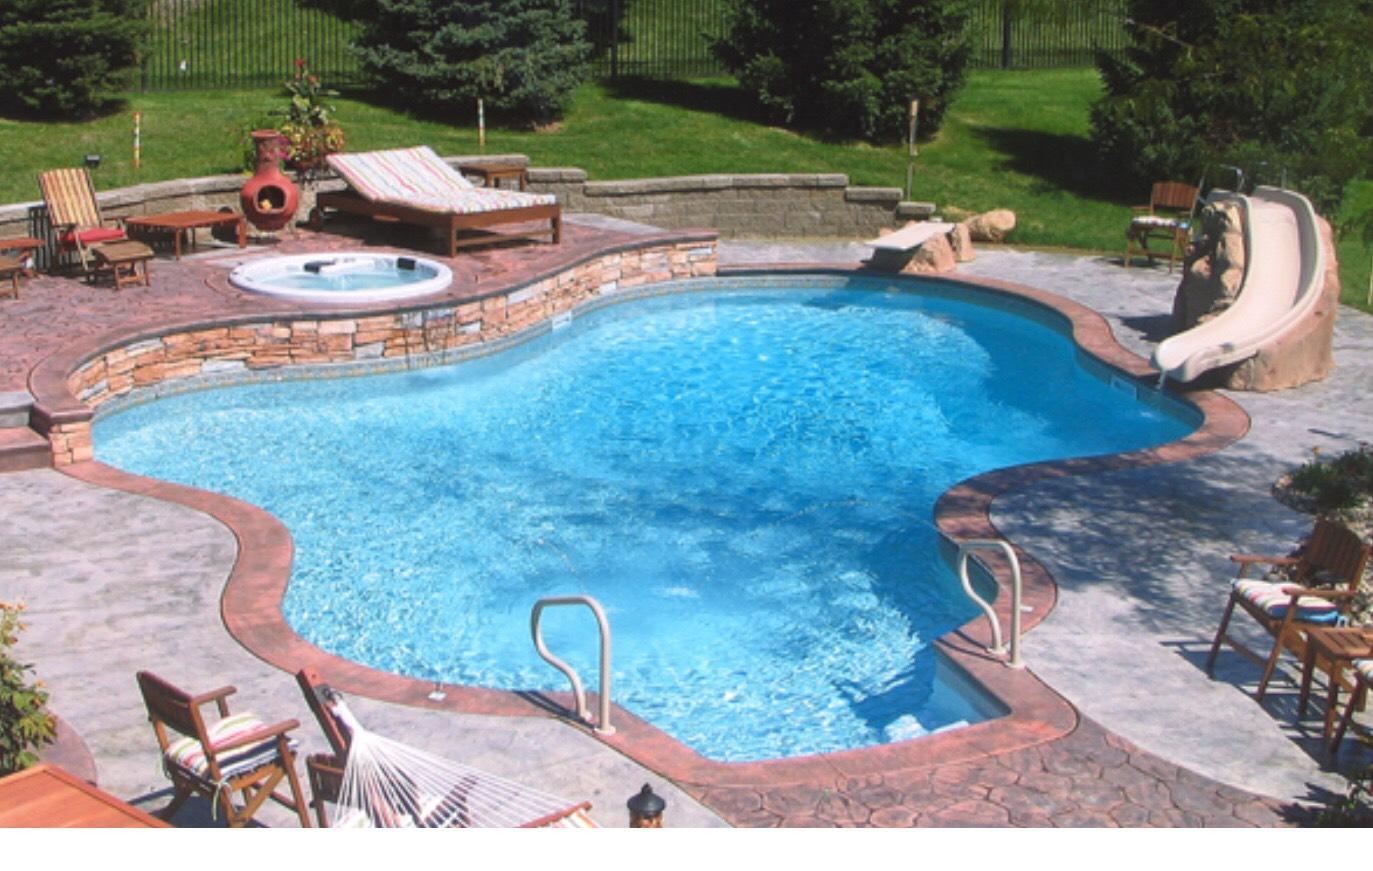 Shawnee Pools image 2